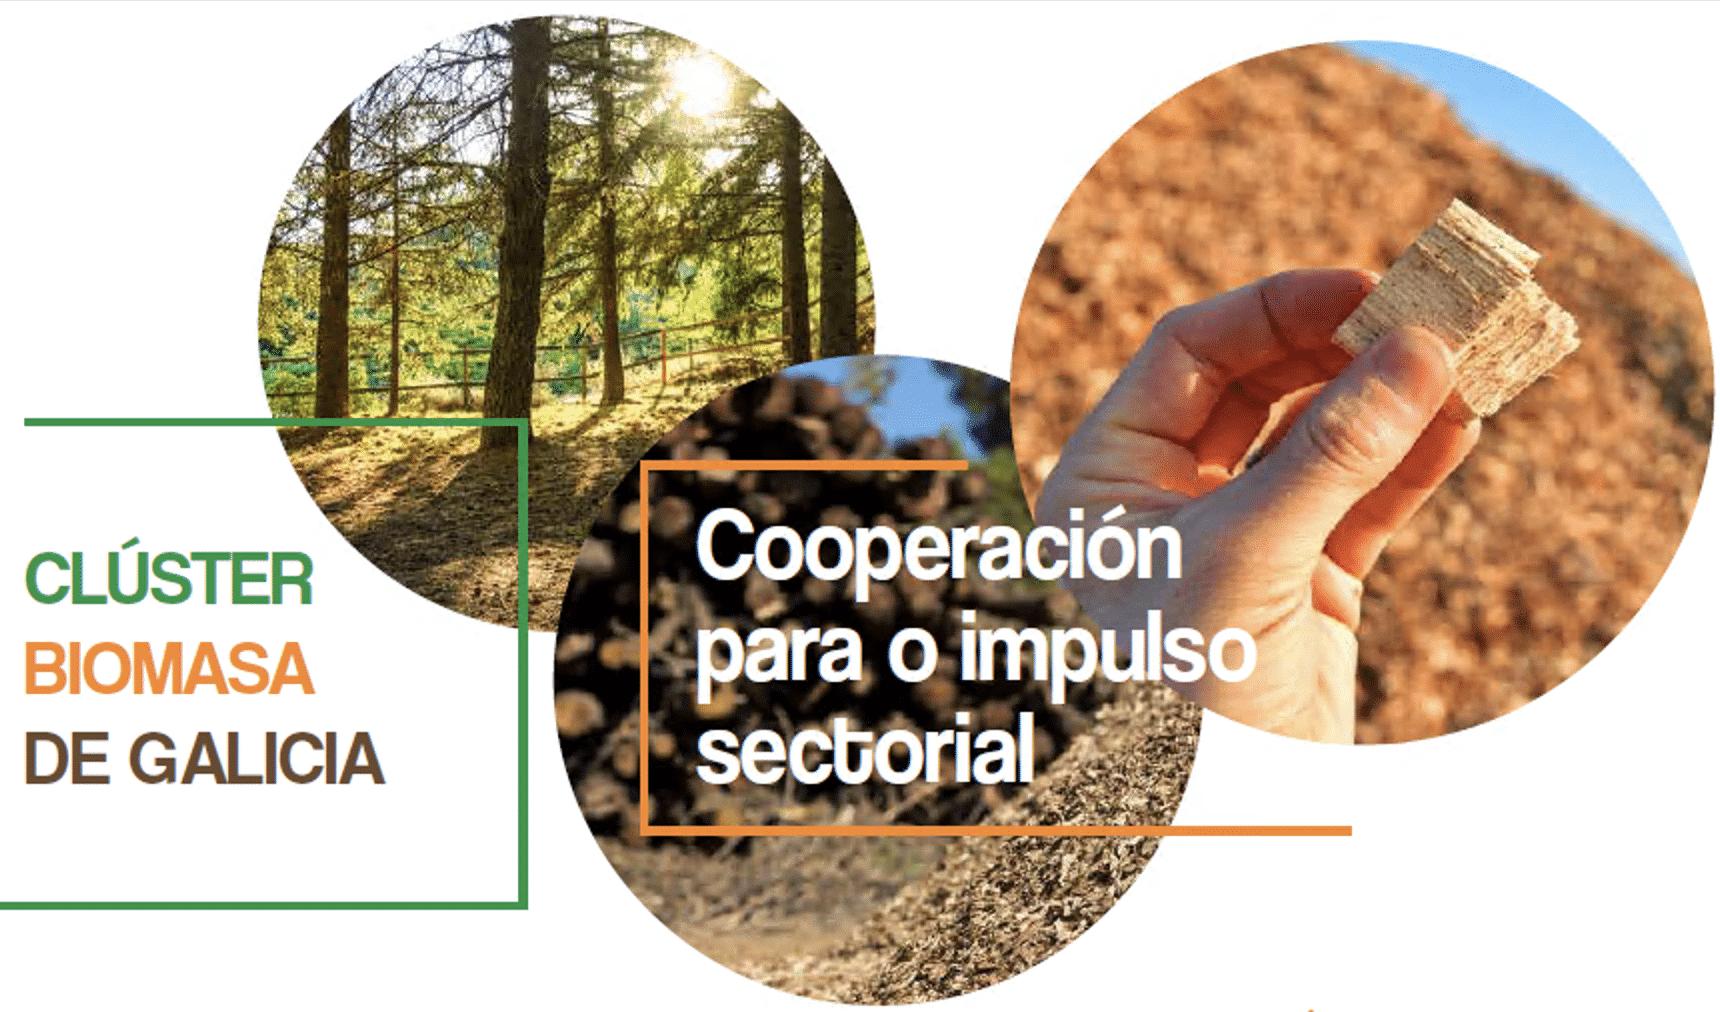 Cluster biomasa Galicia